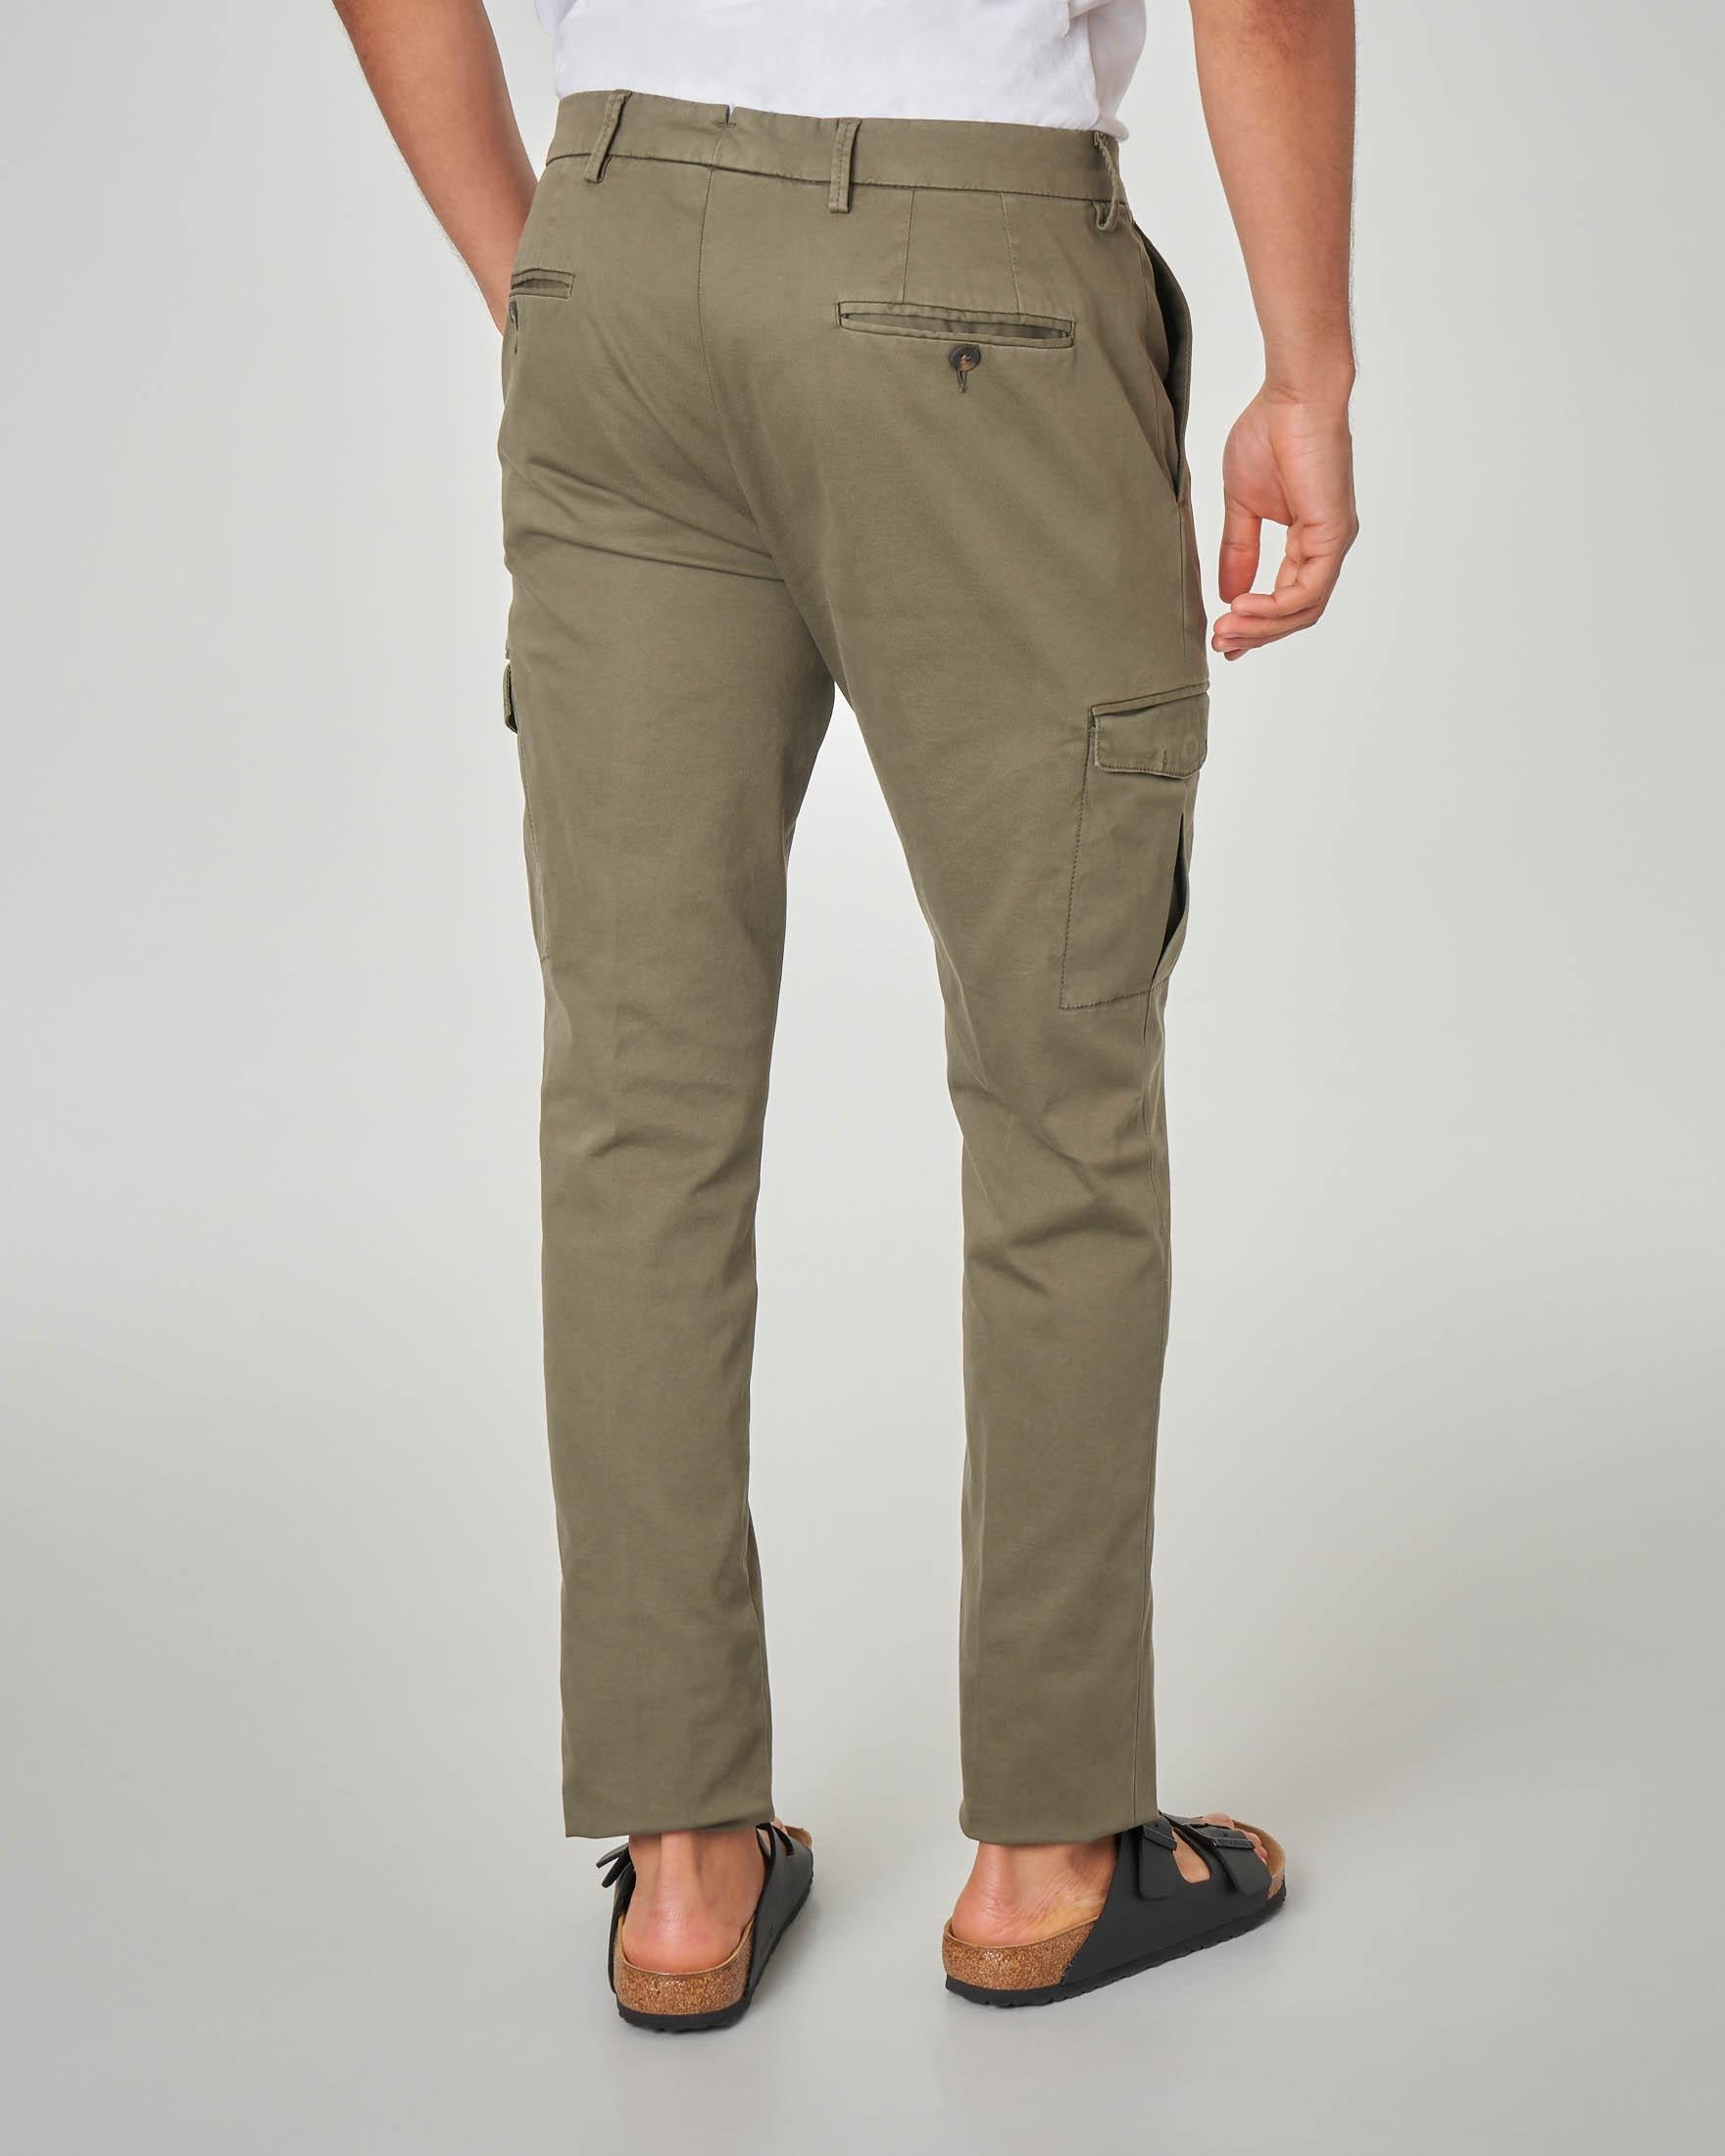 Pantalone verde militare tasconato